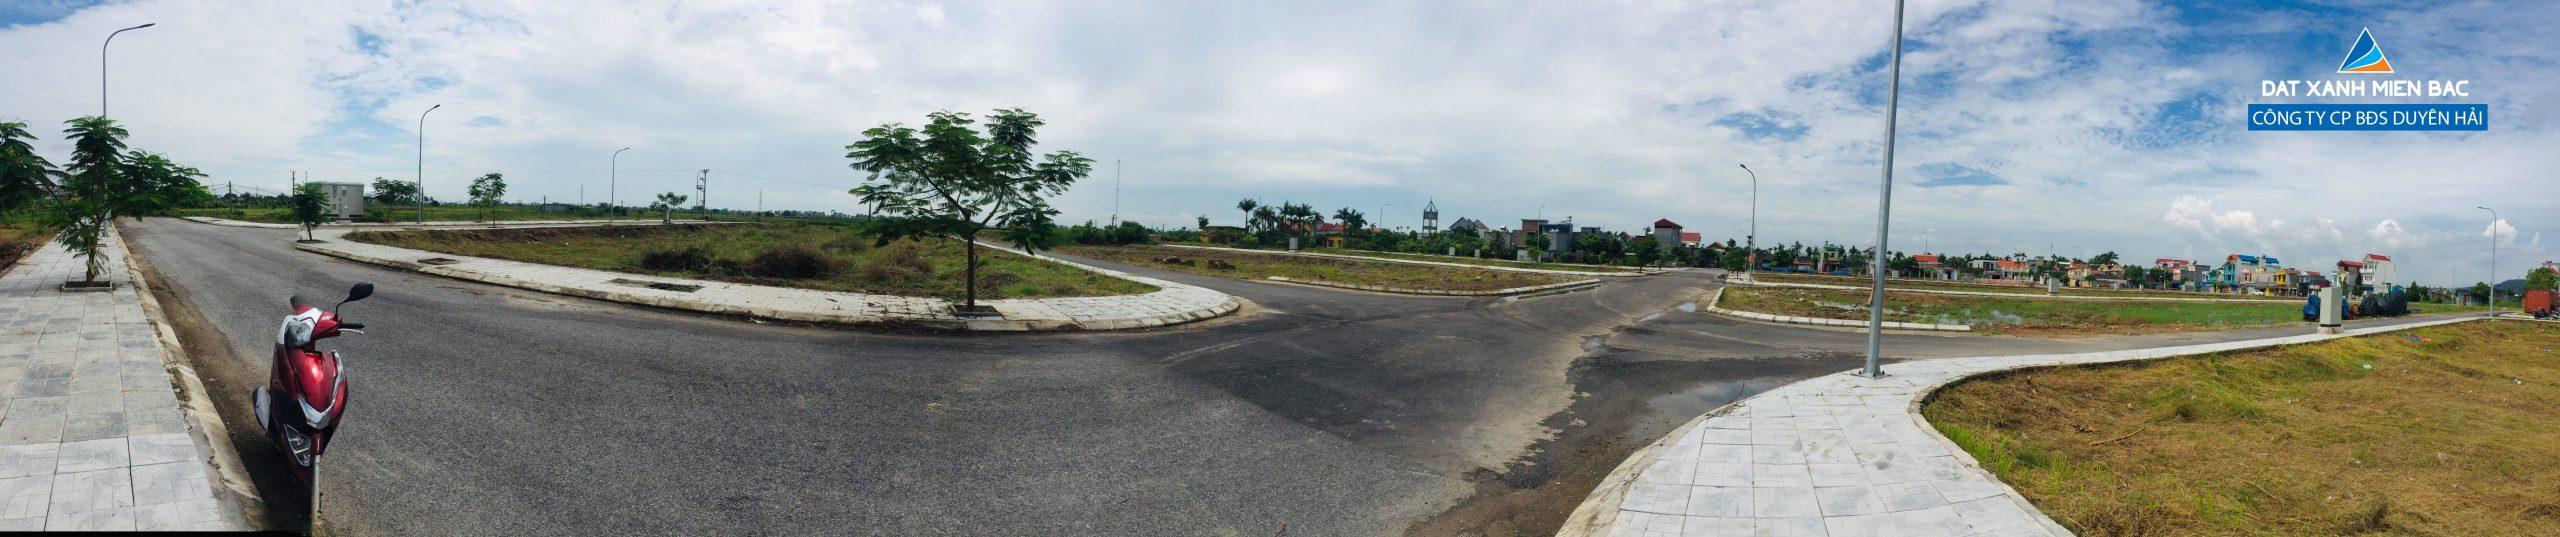 Cơ sở hạ tầng tại Đa Phúc Central Park